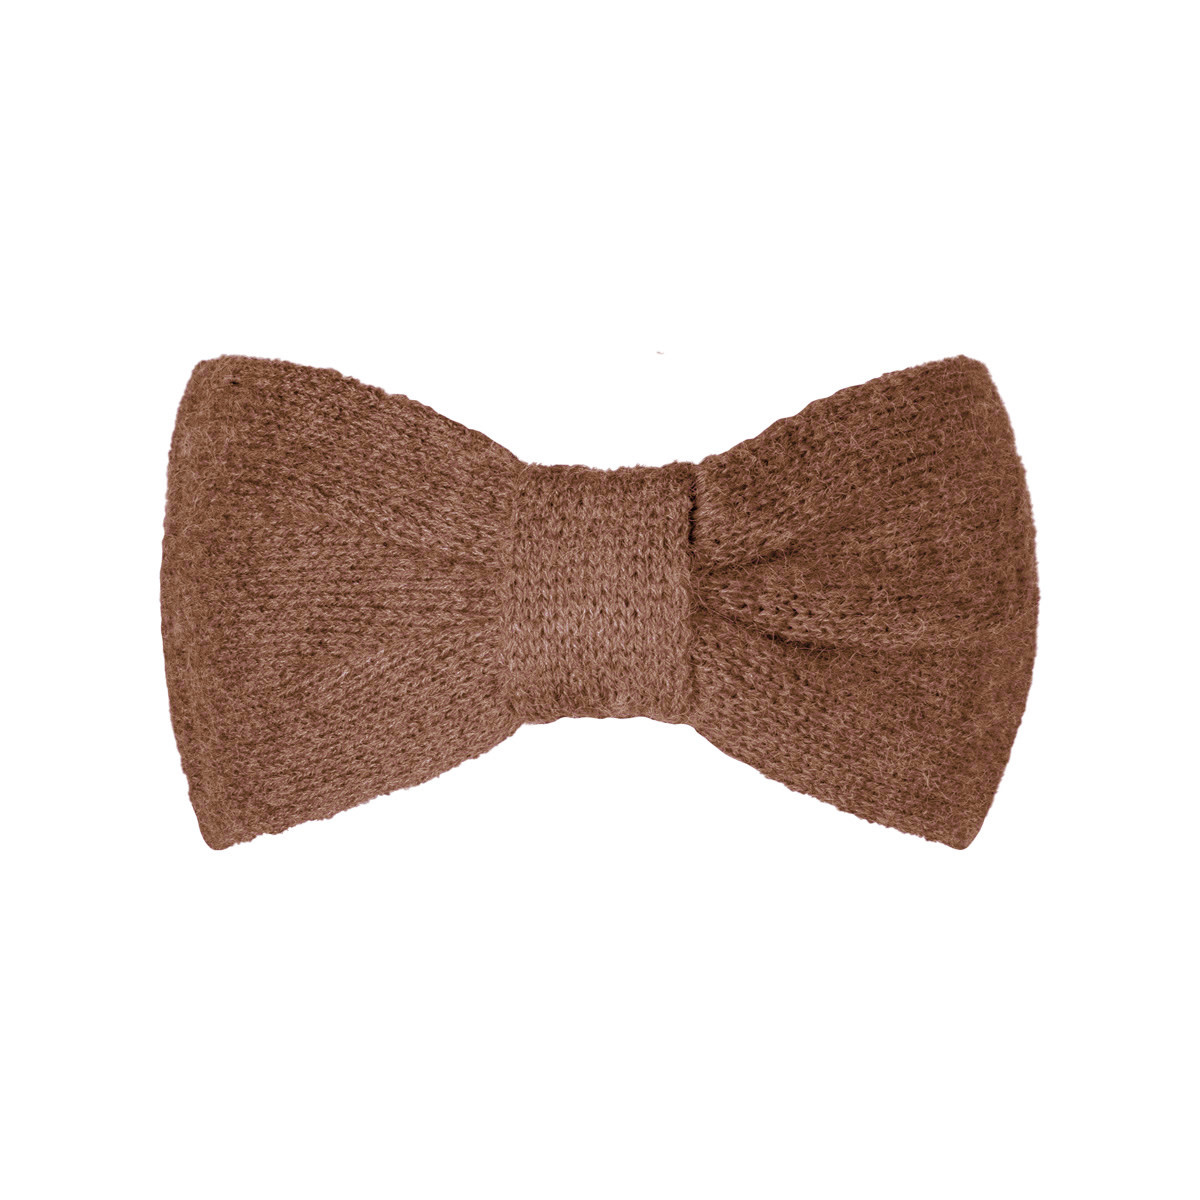 With love Headband cozy bow - camel